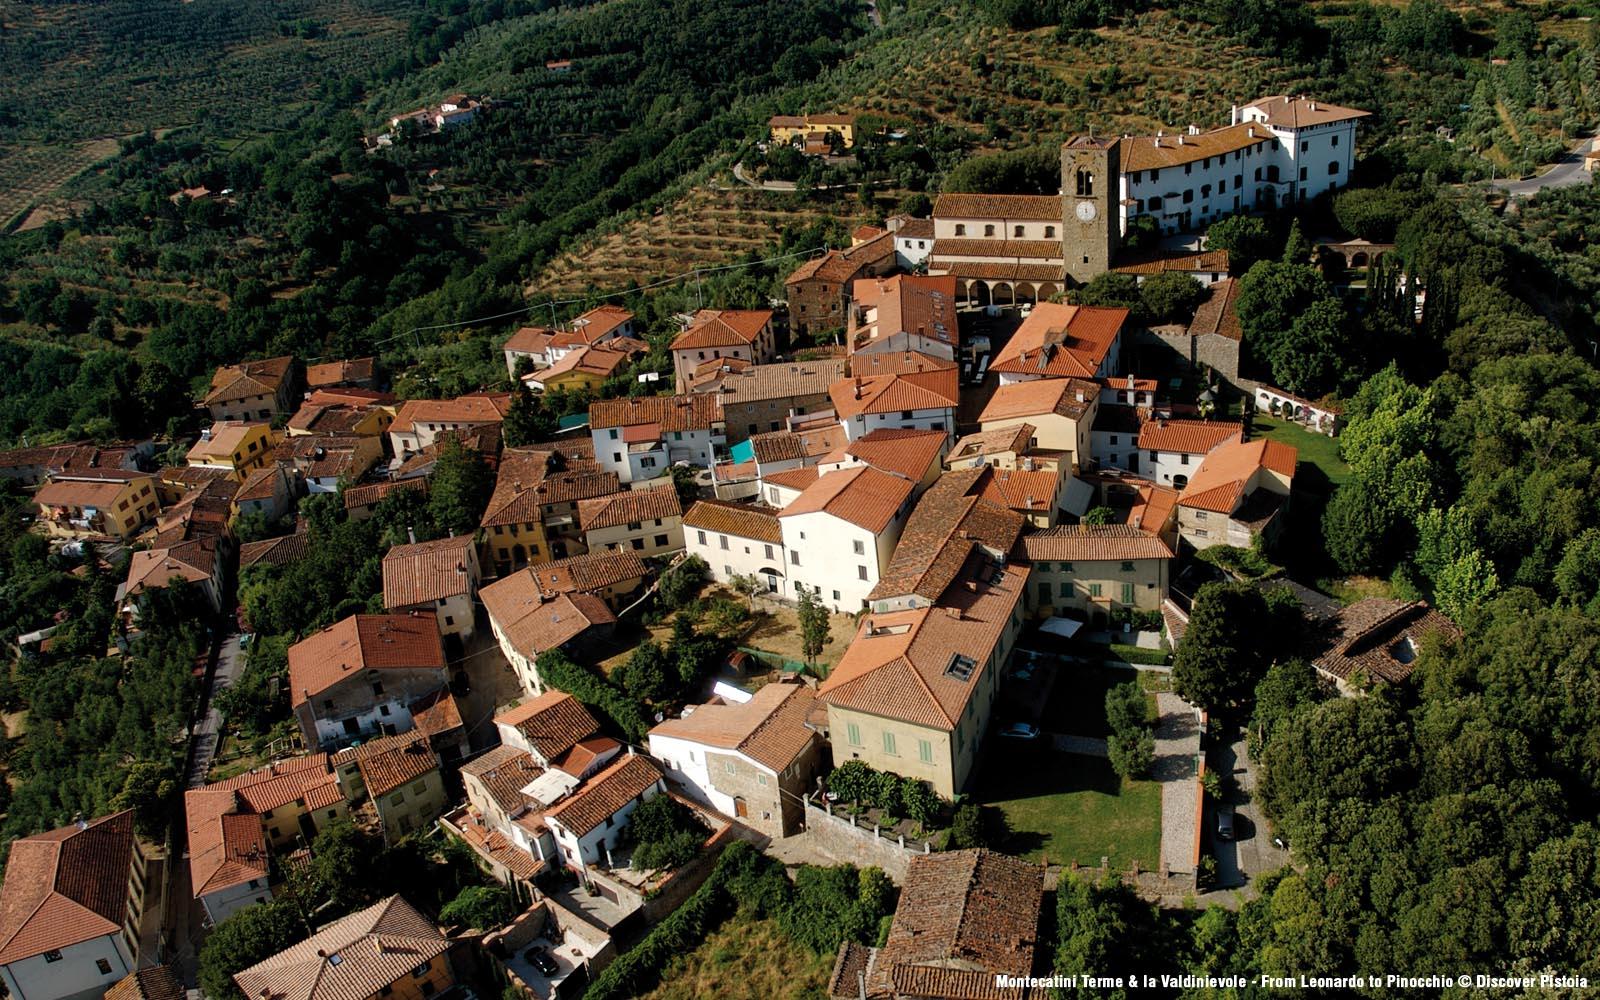 Monsummano Terme - L'ottava meraviglia del mondo